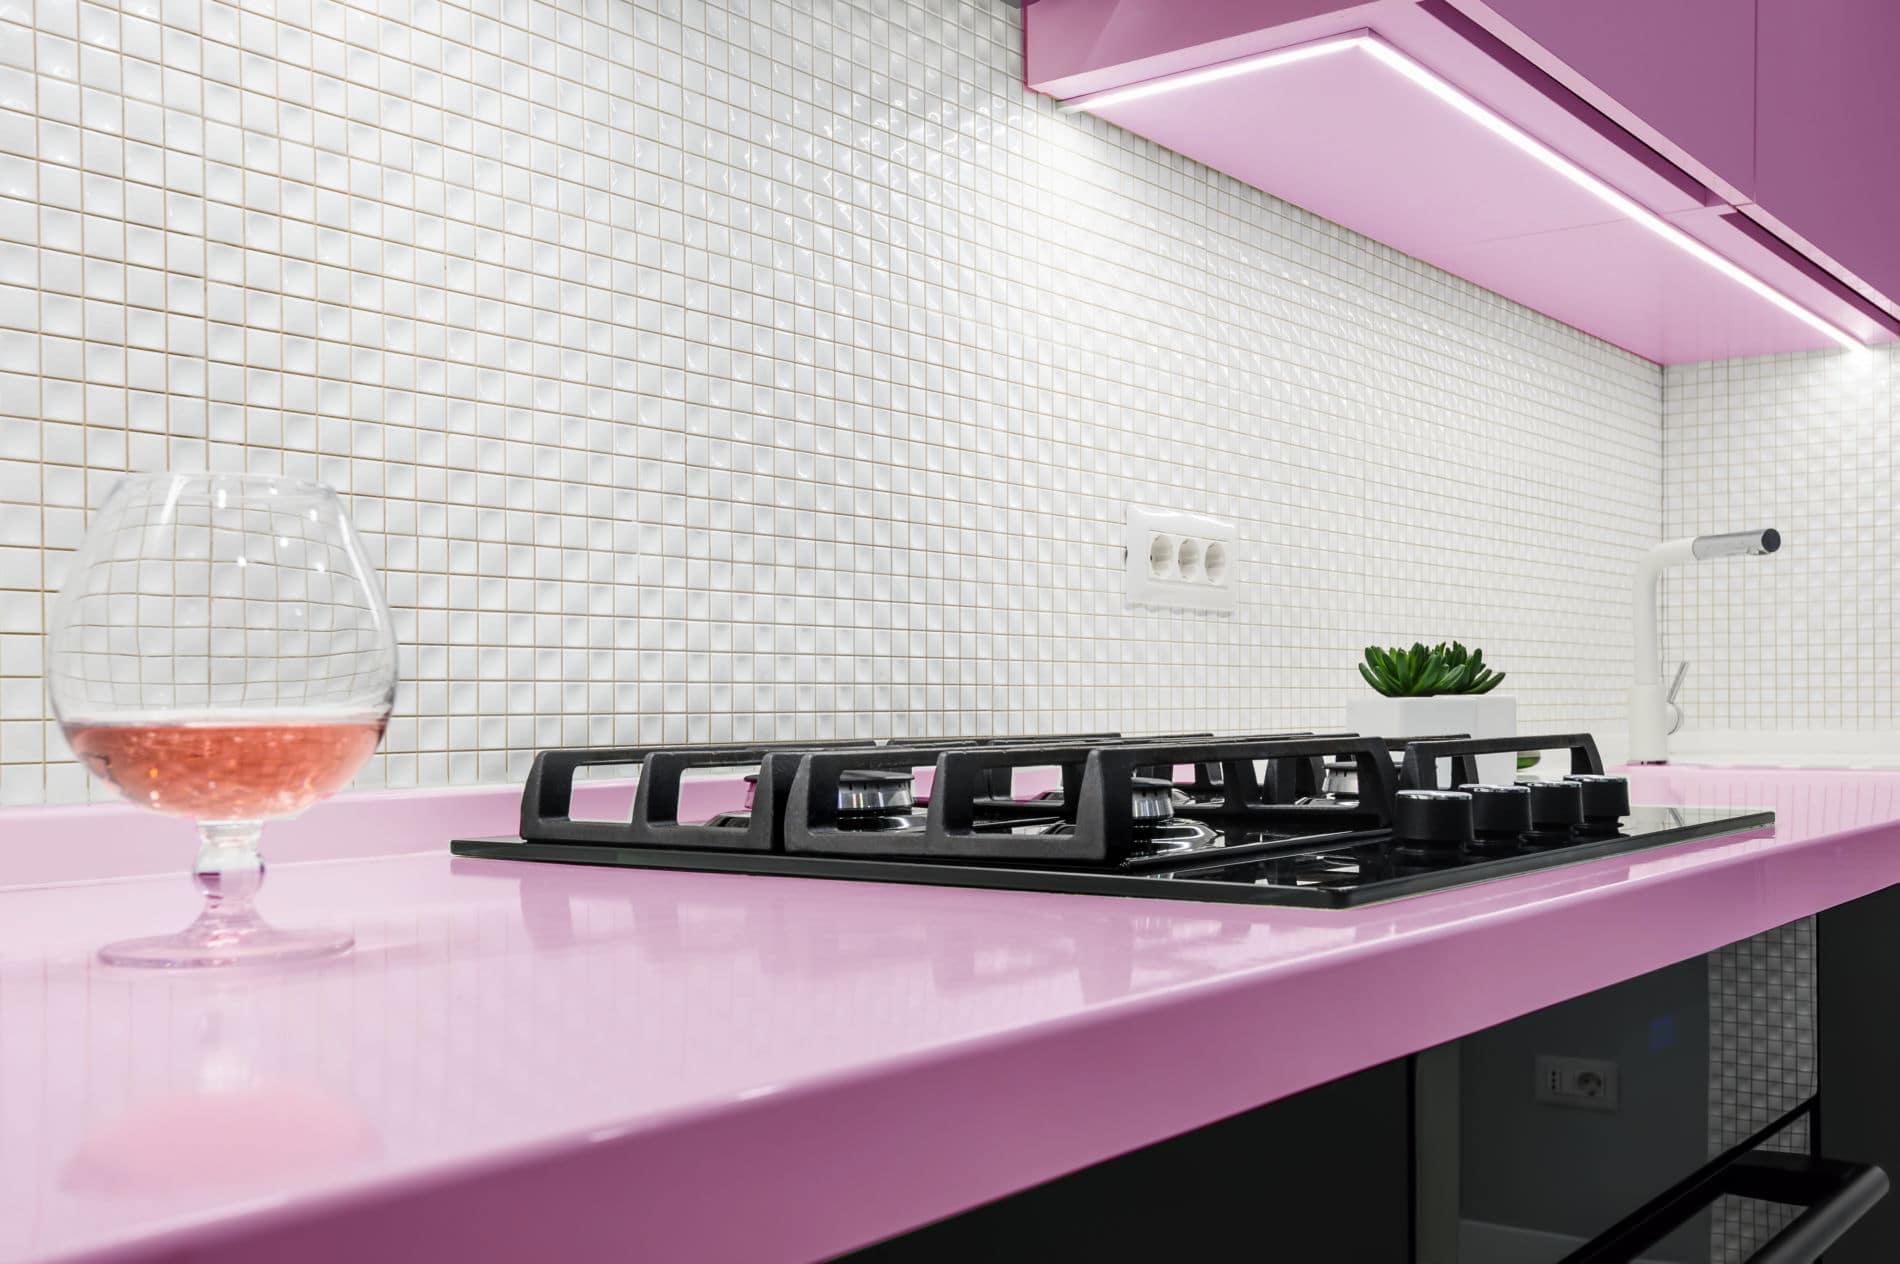 מטבחים מעץ חברות שמוכרות כיורים יוקרתיים למטבחים בעלי שנות ניסיון עם נכונות לתת שירות מקצועי שיודעים לספק כל סוגי המטבחים לכל דורש תוך כדי הפעלת המקרר והתנור ללקוח במטבח שלו